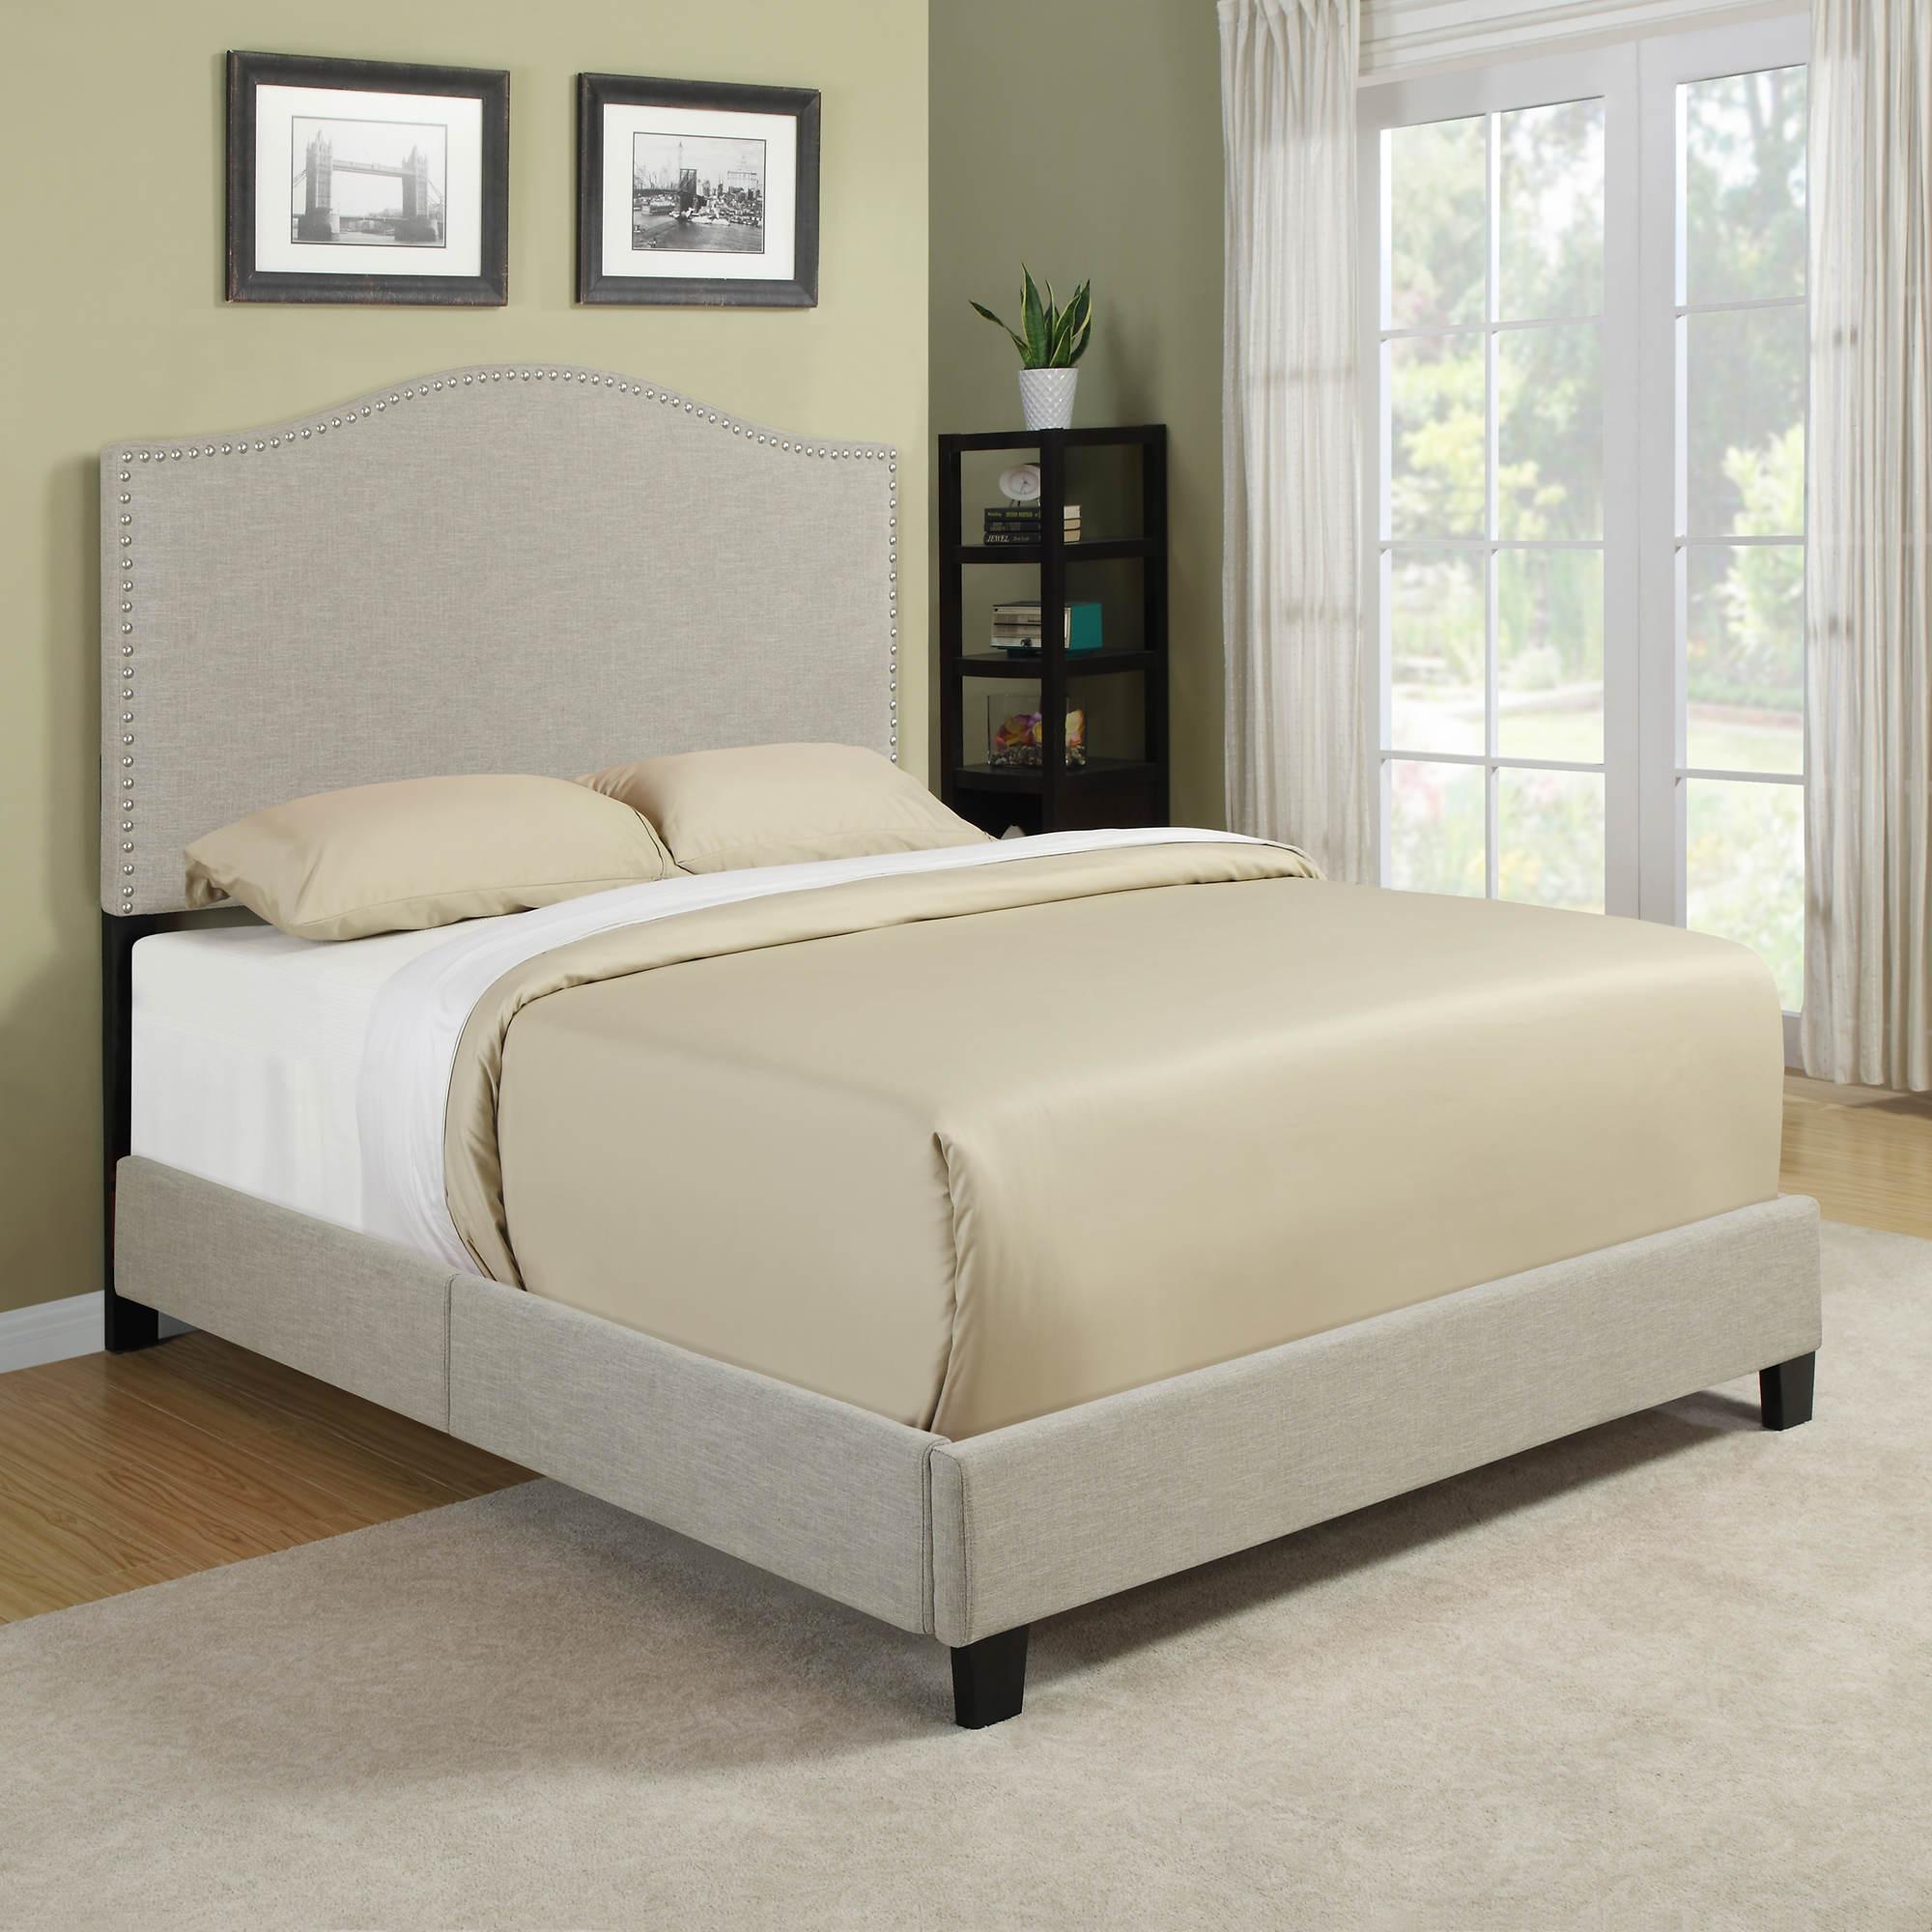 Handy Living Noleta Queen Size Bed Tan BJ 39 S Wholesale Club